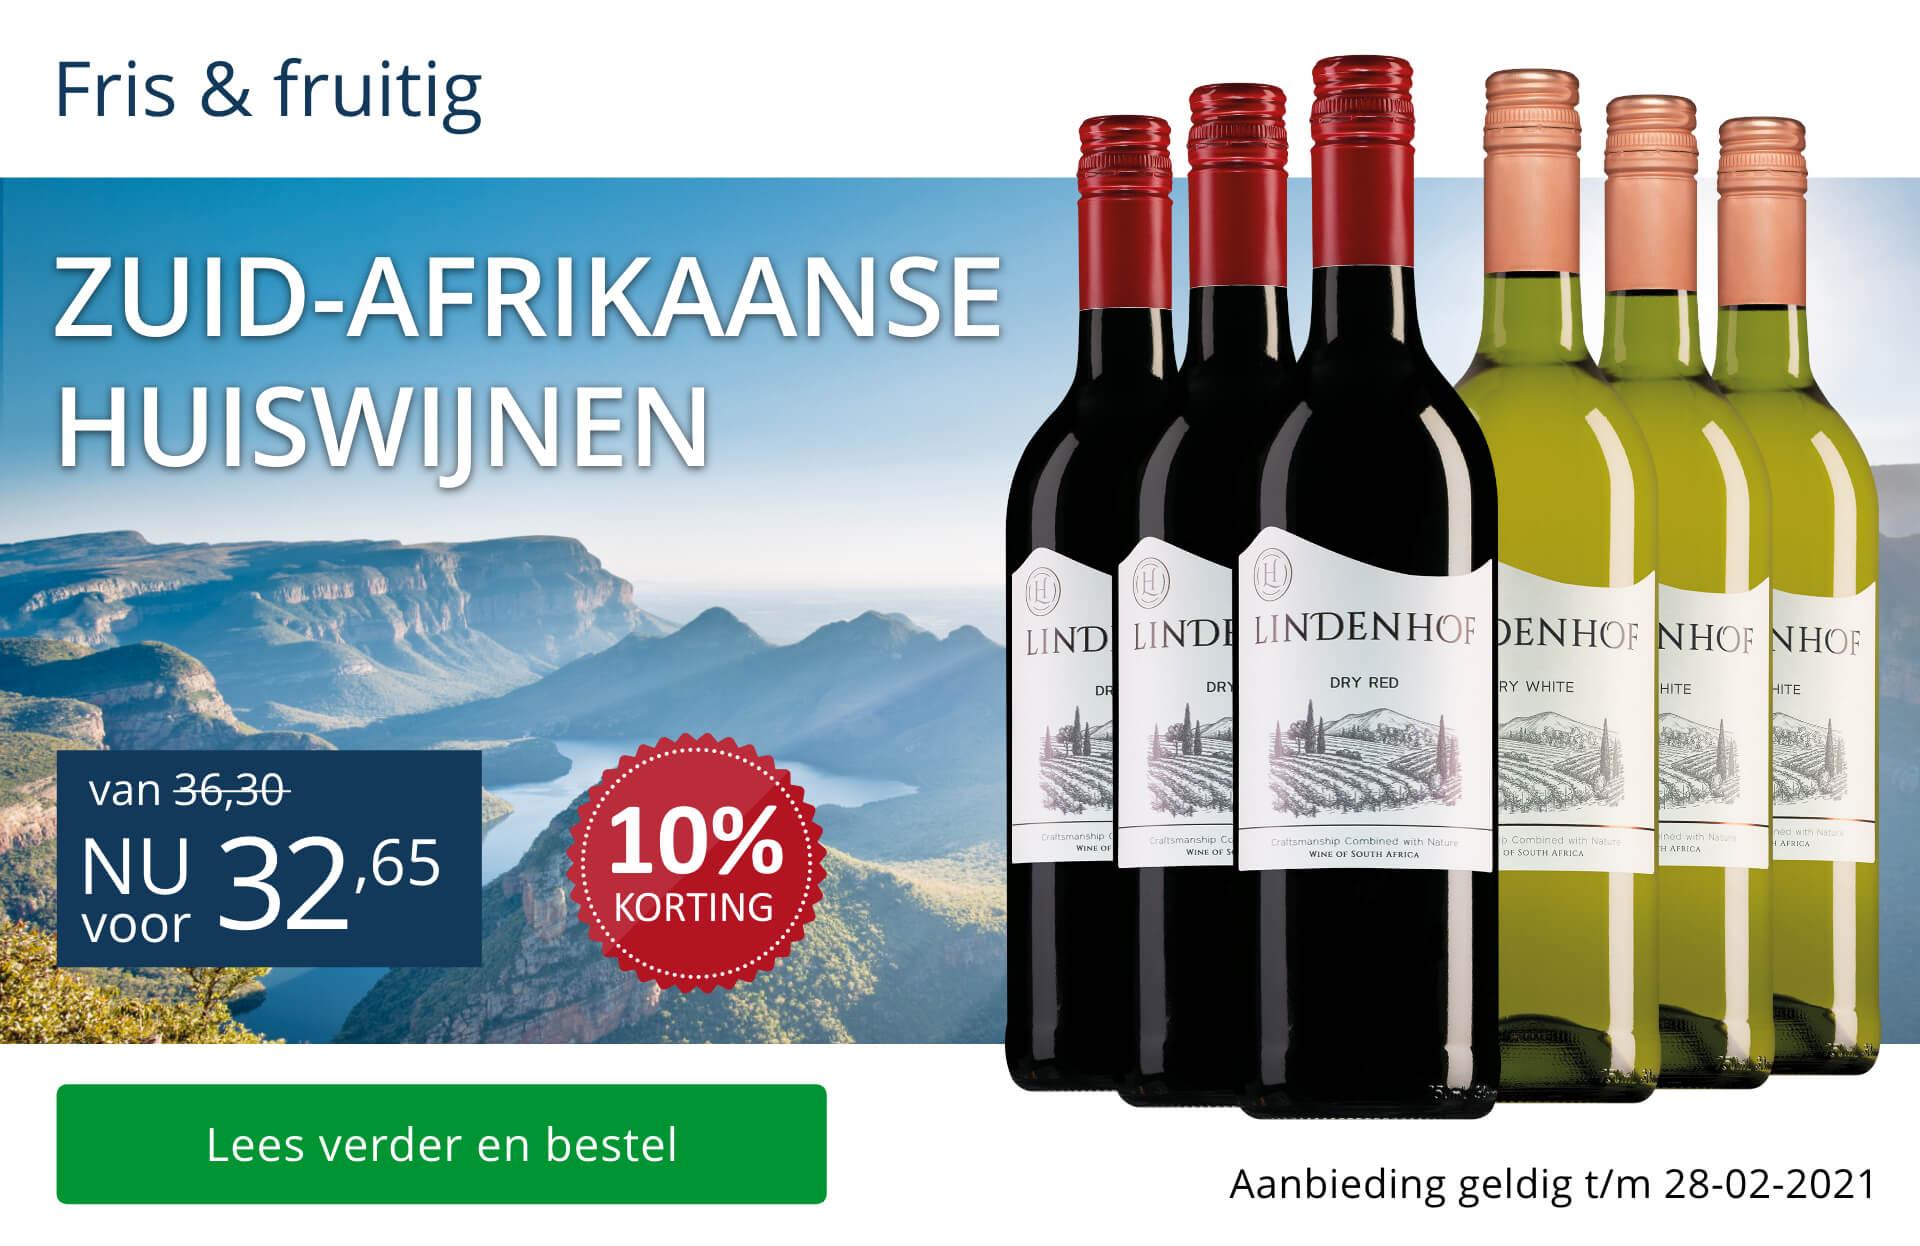 Wijnpakket huiswijnen Zuid-Afrika-blauw